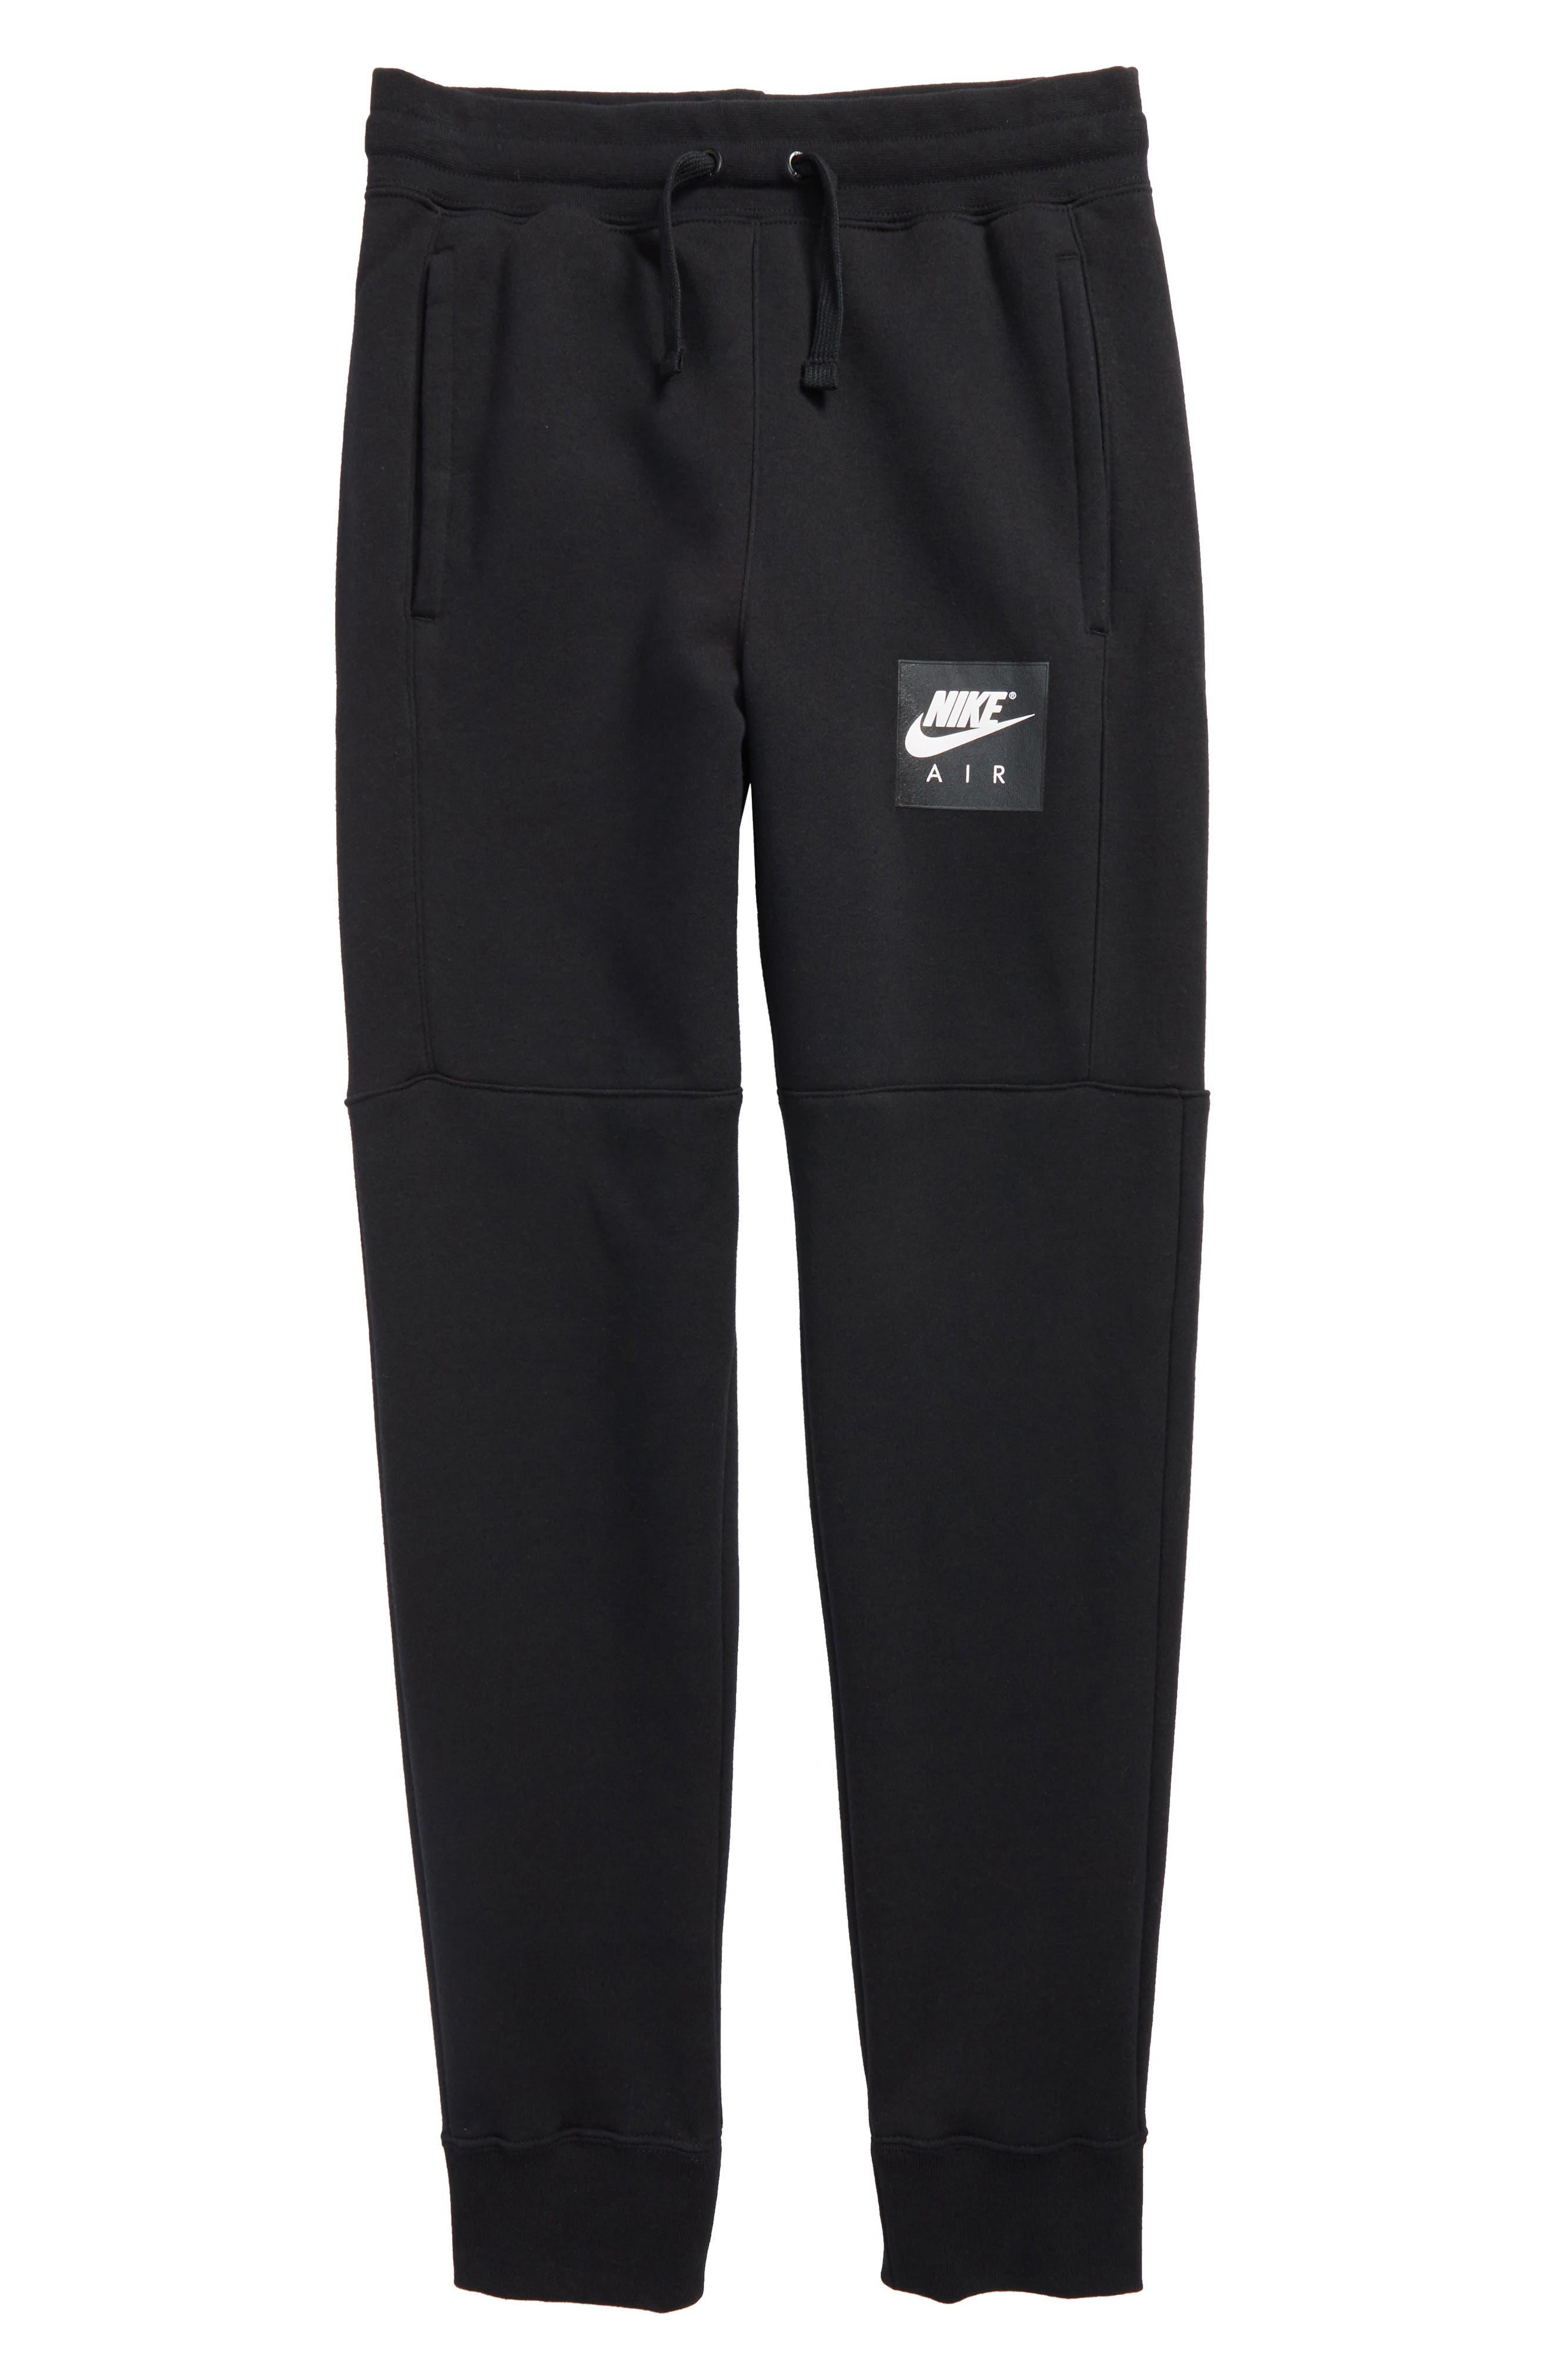 Air Sweatpants,                         Main,                         color, 010